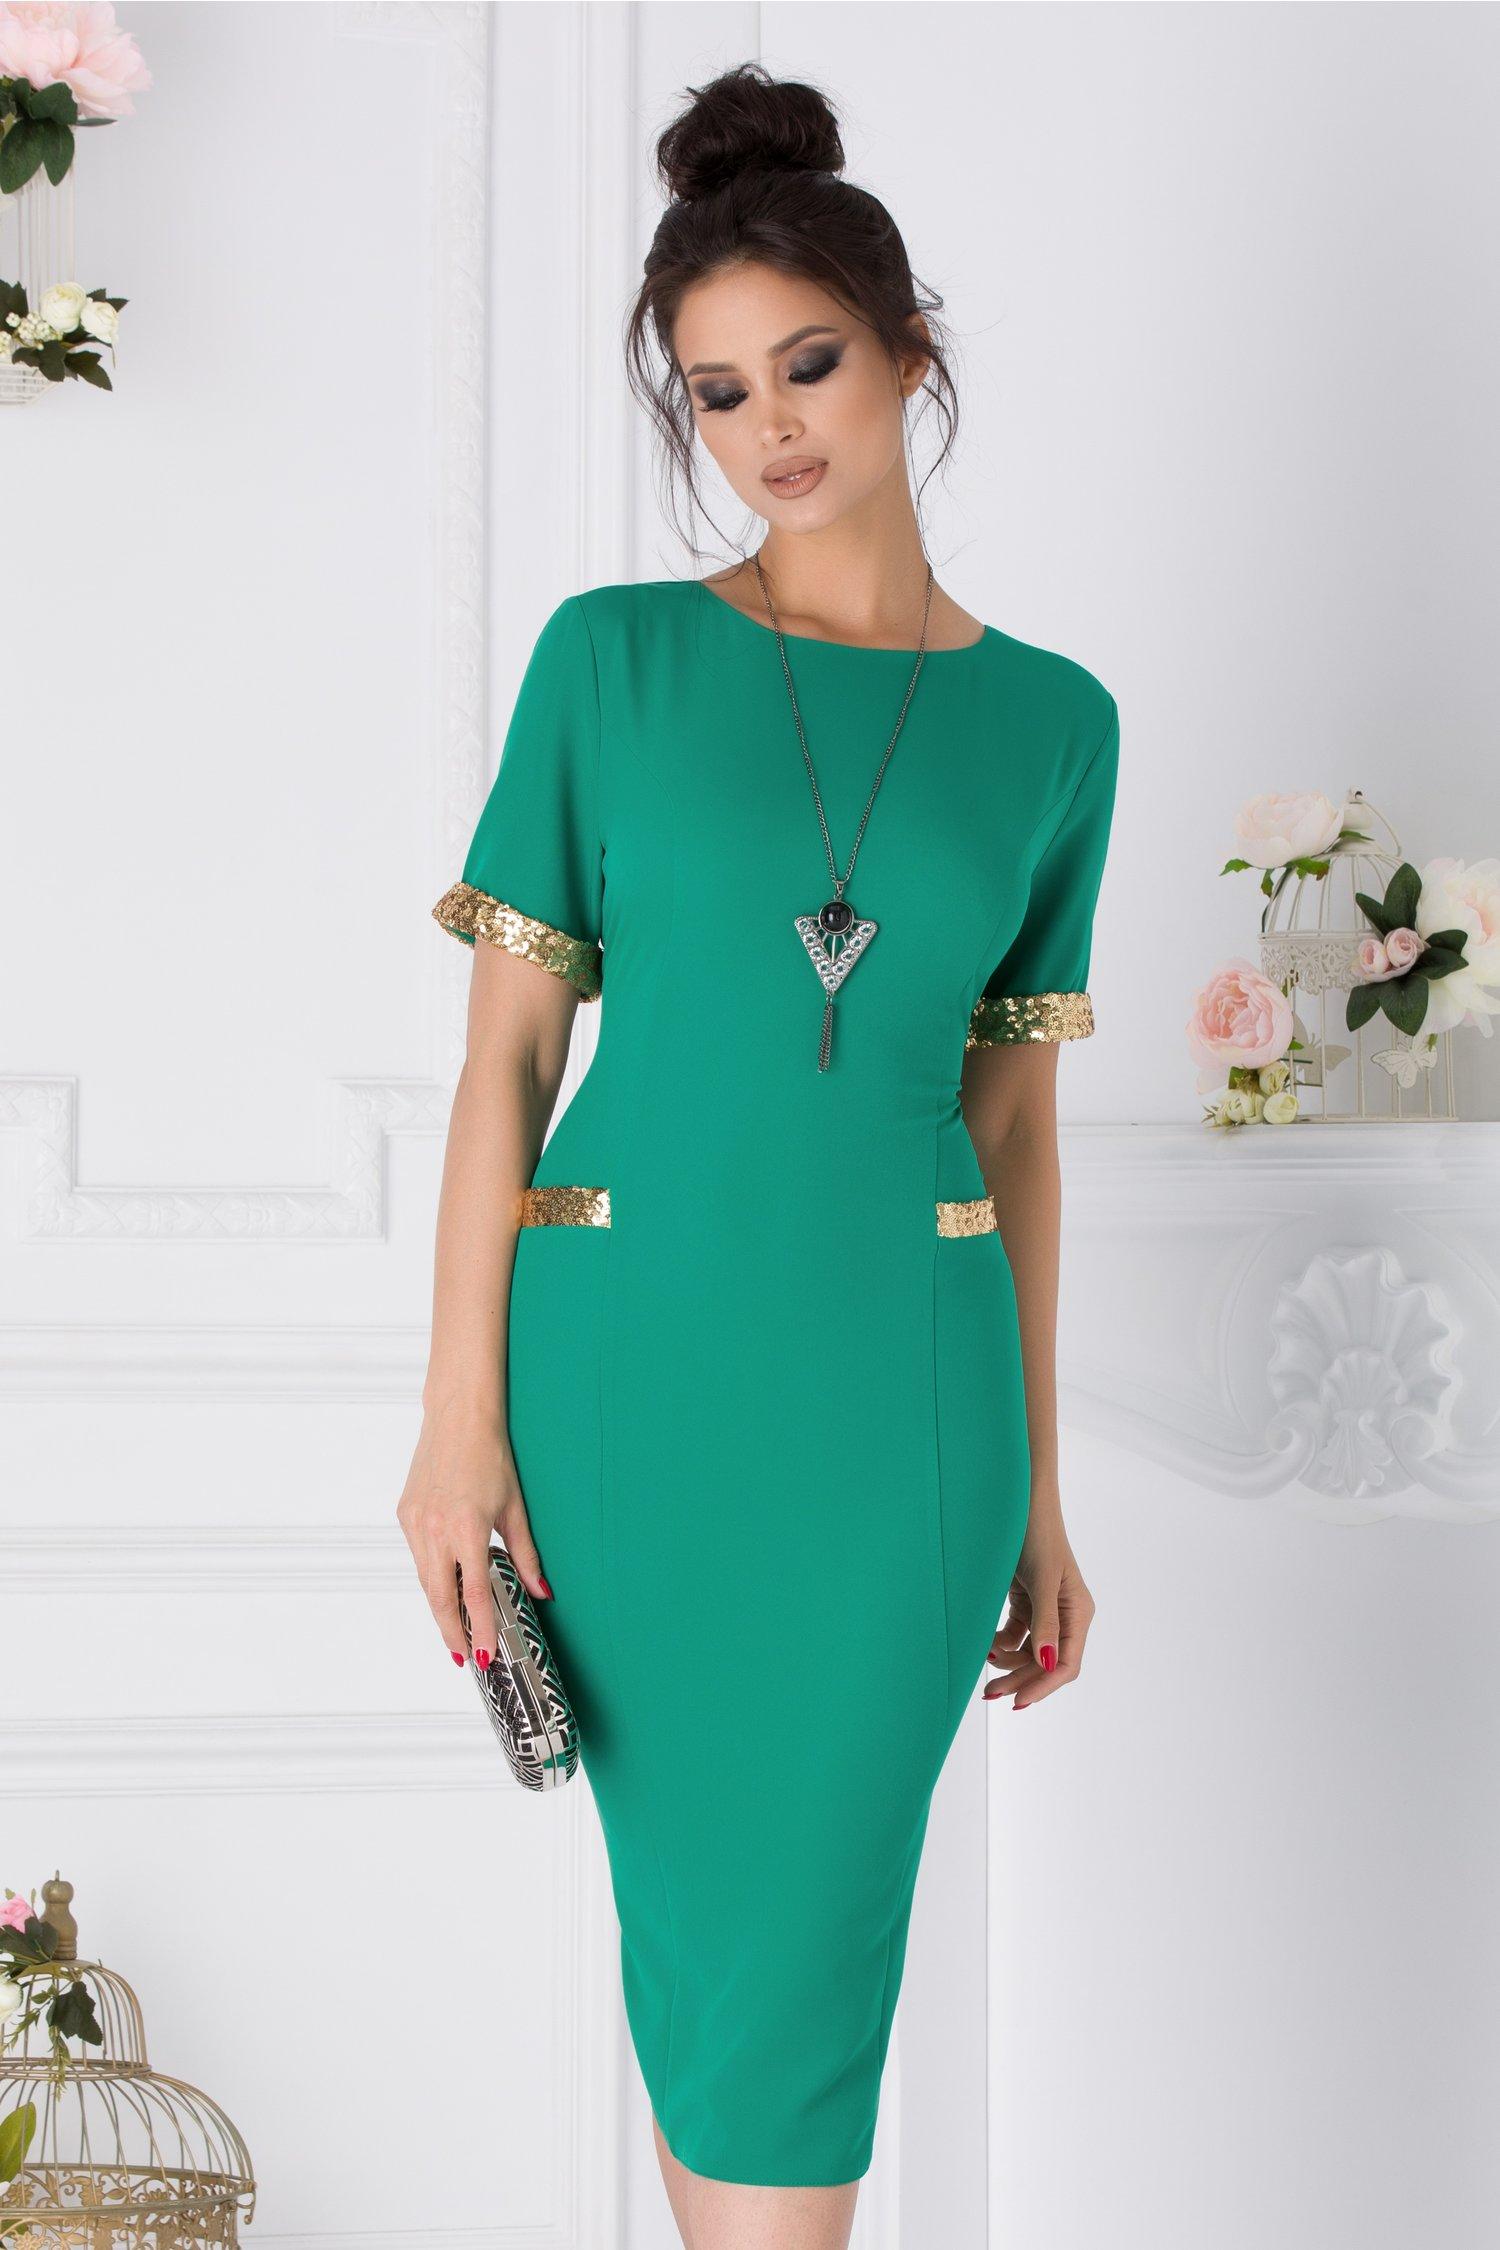 Rochie Lore verde cu paiete aurii